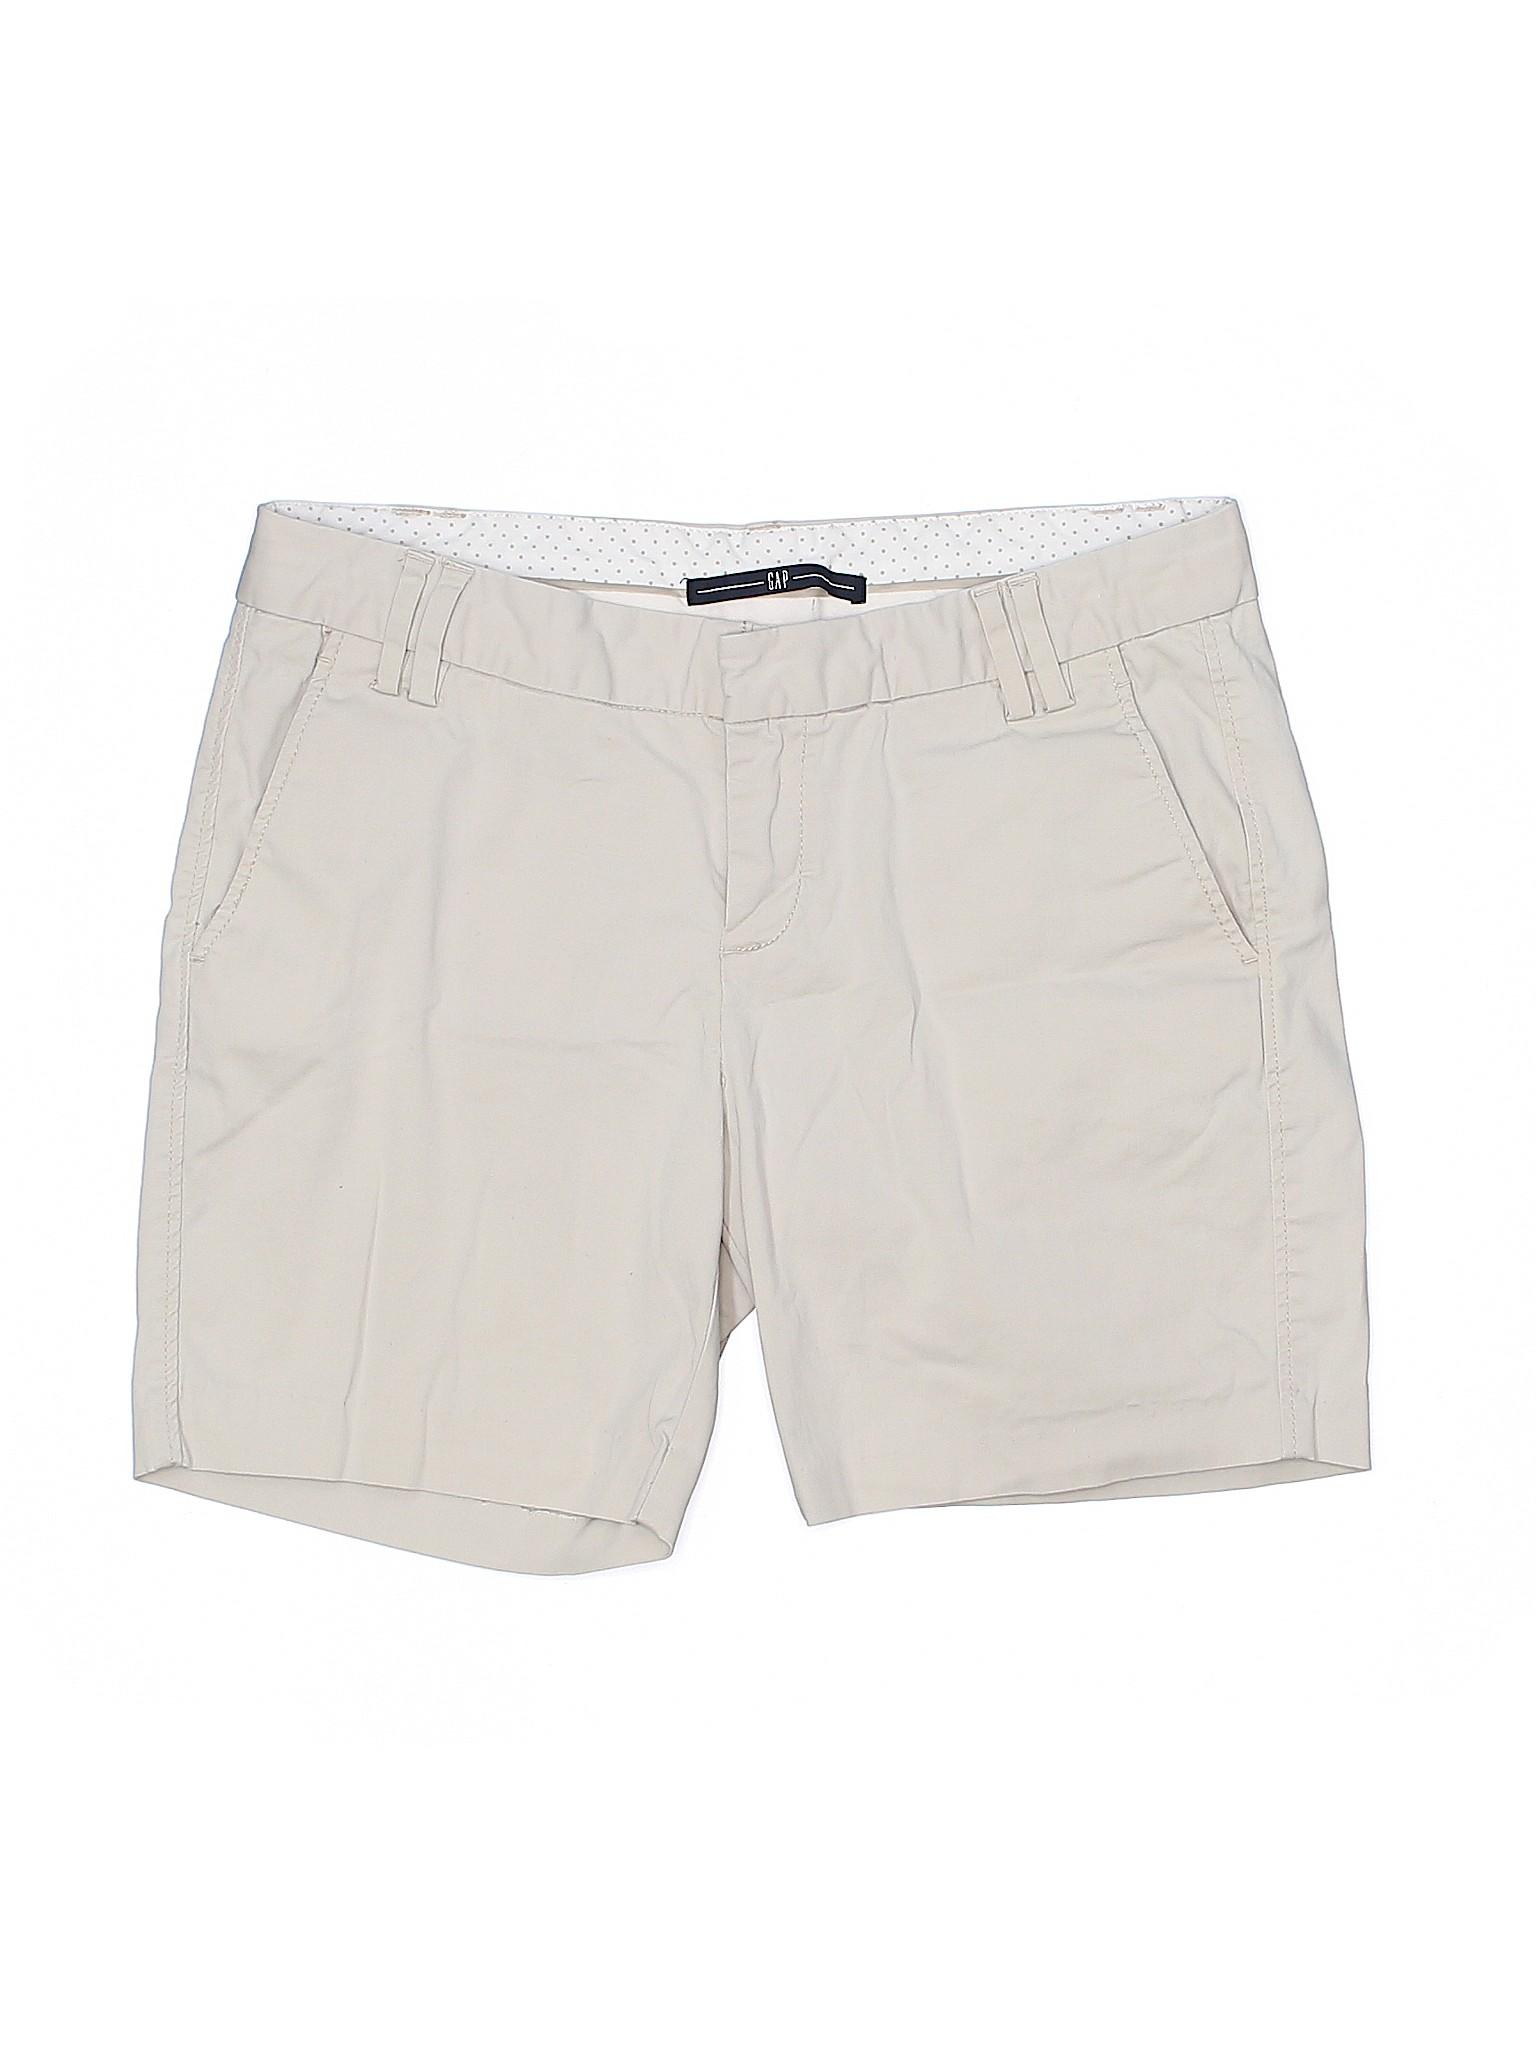 Boutique leisure Gap Khaki Boutique Shorts leisure zPwqgR